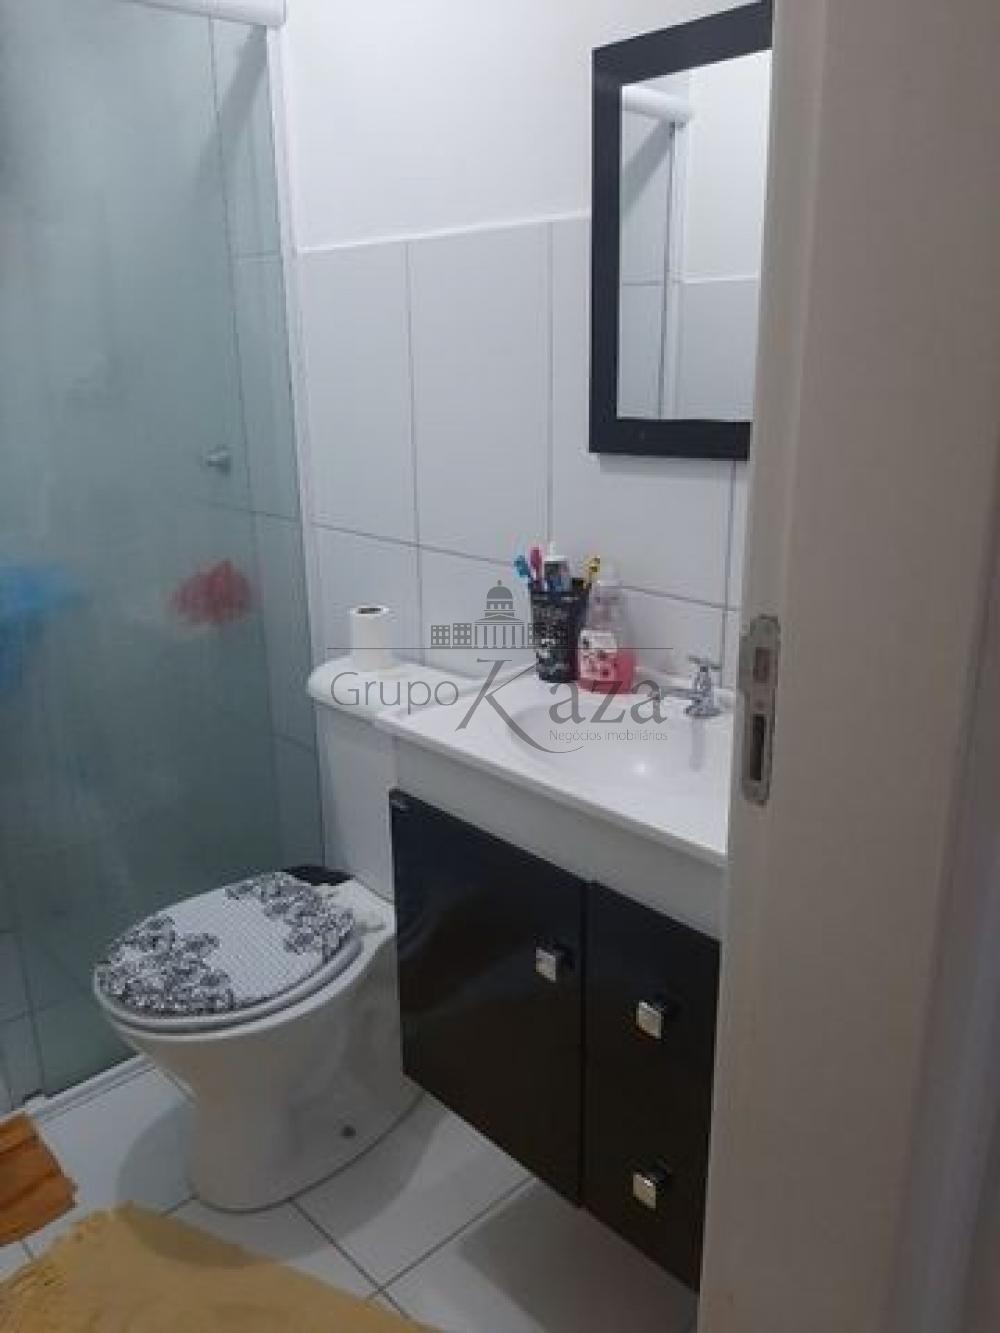 Alugar Apartamento / Padrão em São José dos Campos R$ 1.350,00 - Foto 7